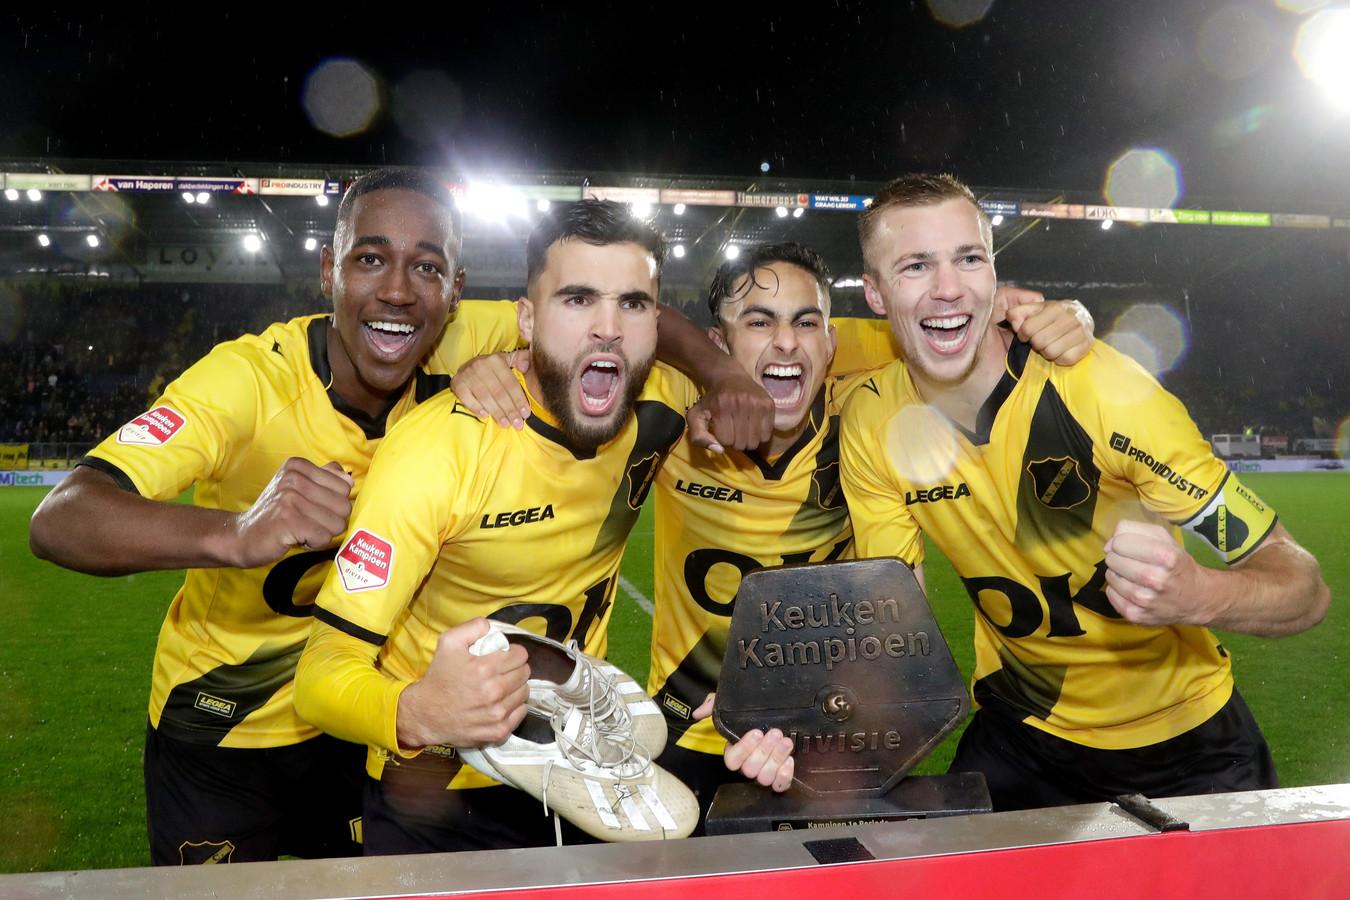 Jethro Mashart, Mounir El Allouchi en Arno Verschueren maakten vorig jaar de degradatie mee, maar hebben zich herpakt en kunnen nu feest vieren.